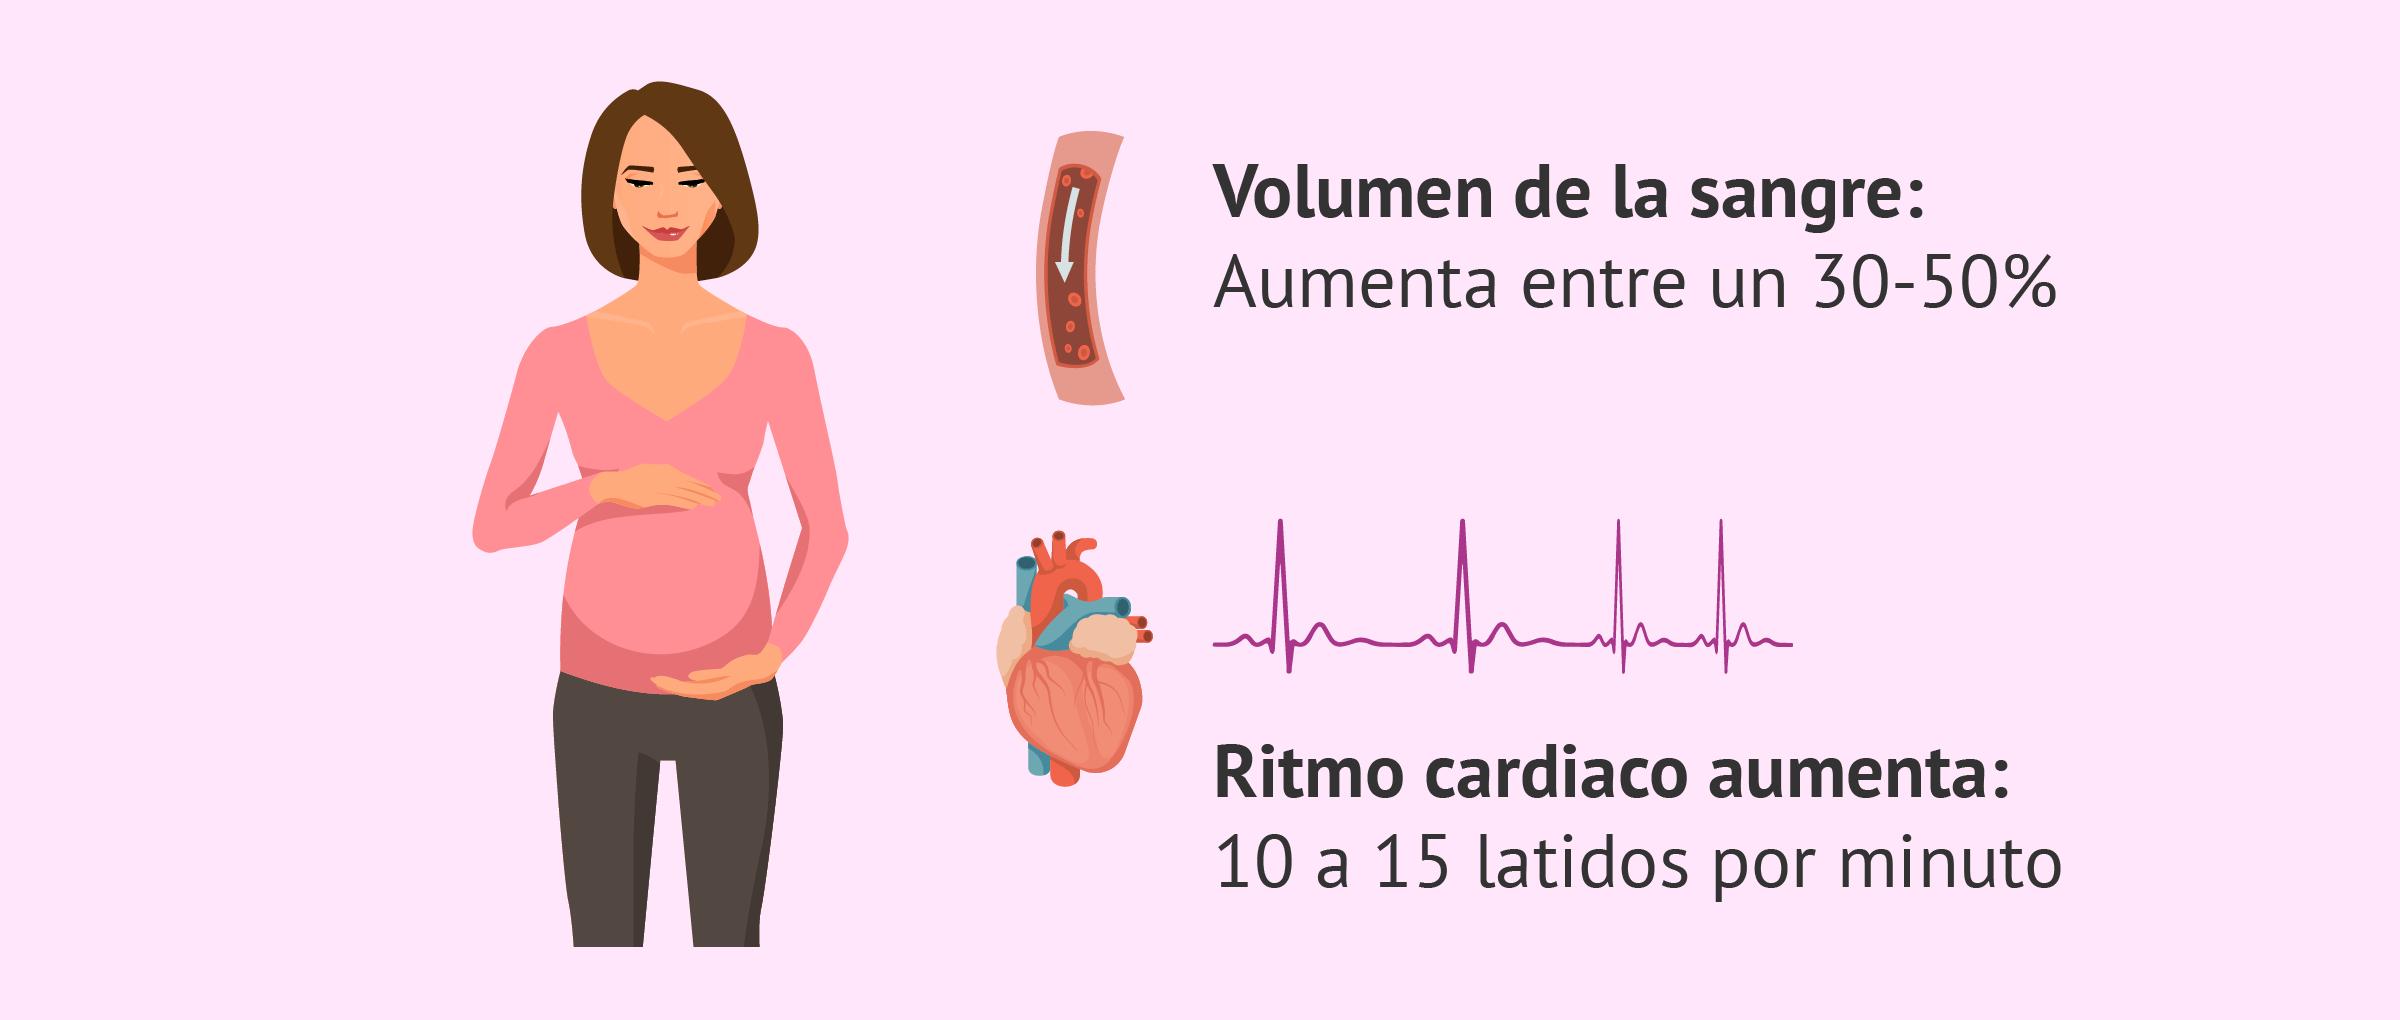 Cambios cardiovasculares durante el embarazo